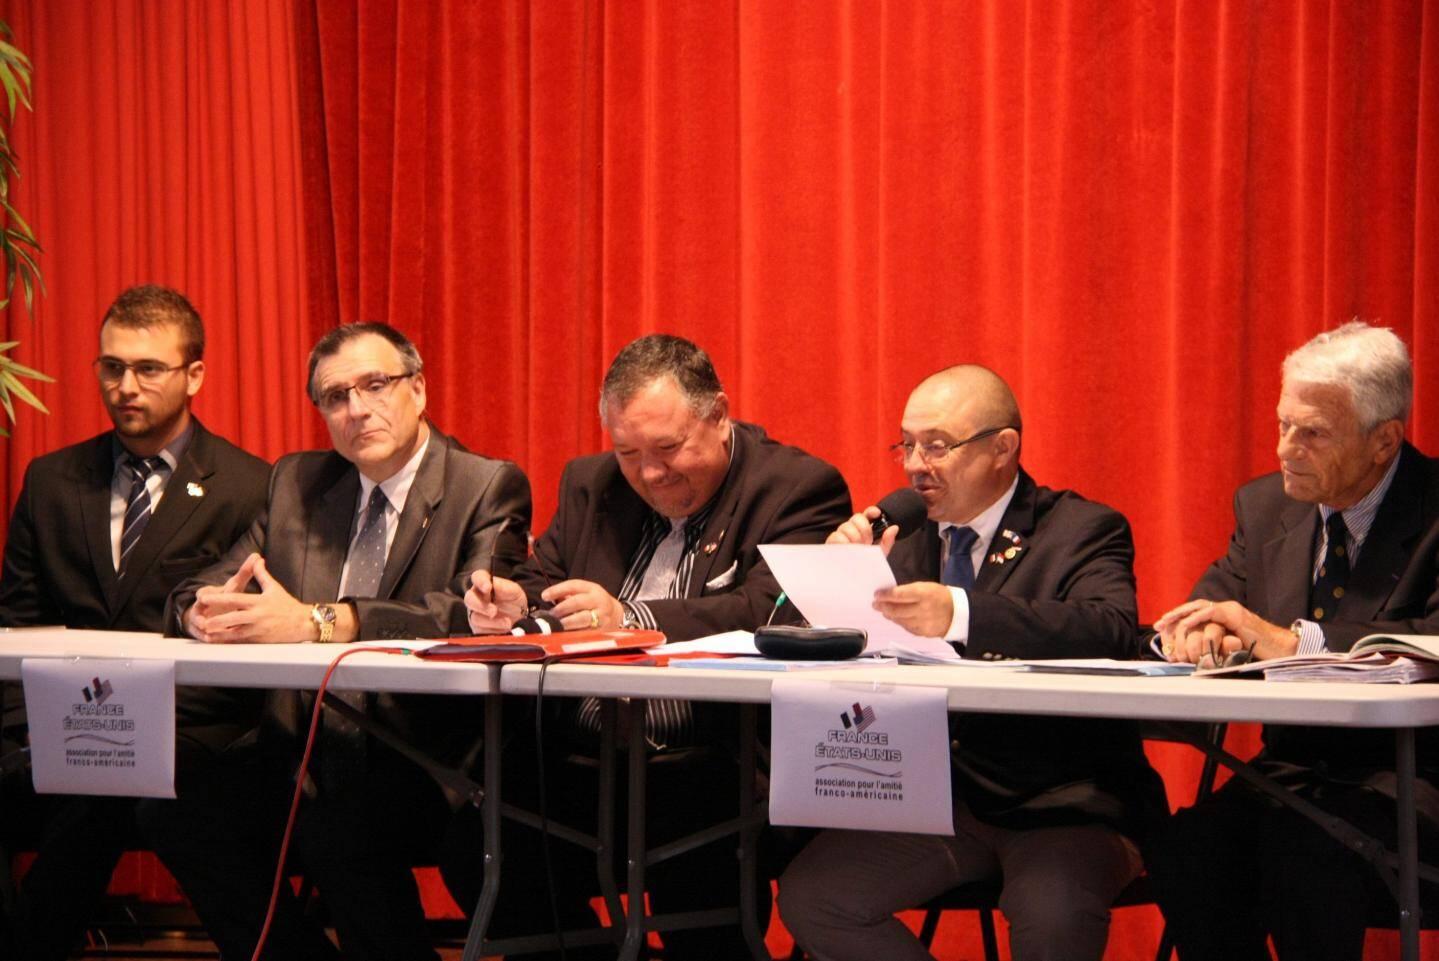 Les membres se sont réunis le 1er octobre pour leur AG annuelle sous la houlette de leur président-fondateur, Thierry Chevallier